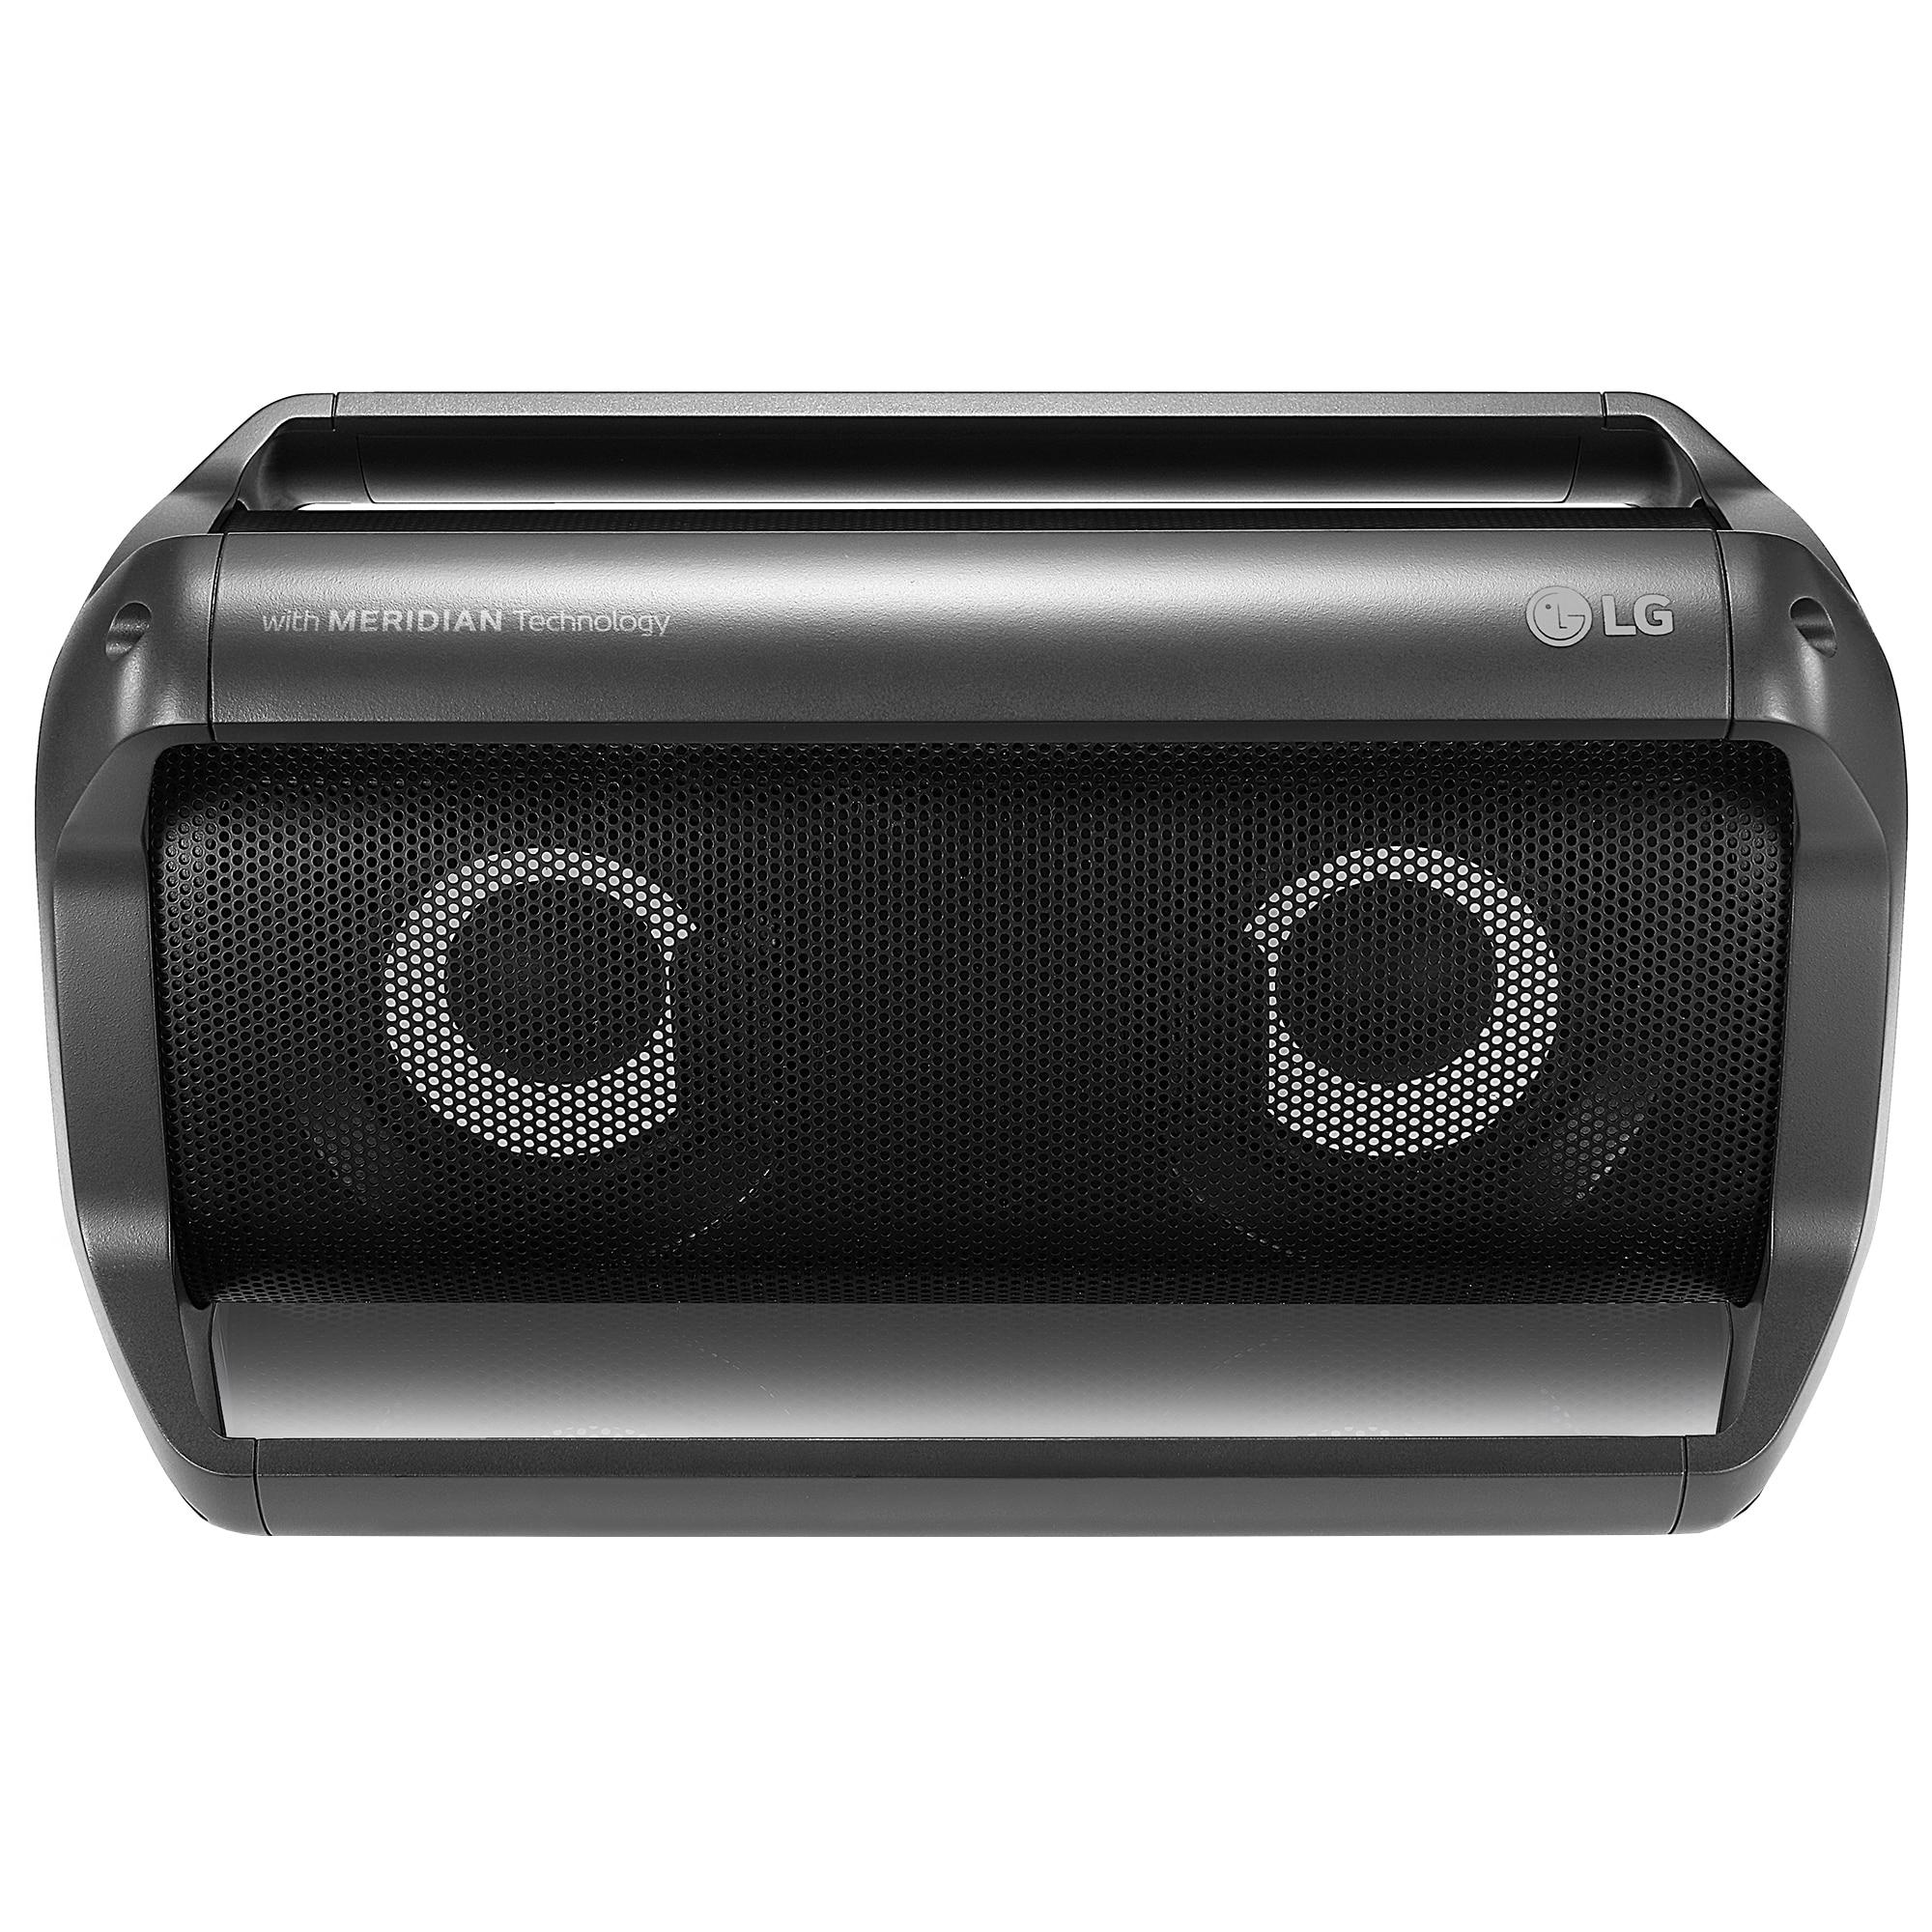 Fotografie Boxa portabila LG XBOOM Go PK5, 20W, Hands-Free, IPX5, Dynamic Party Light, Negru